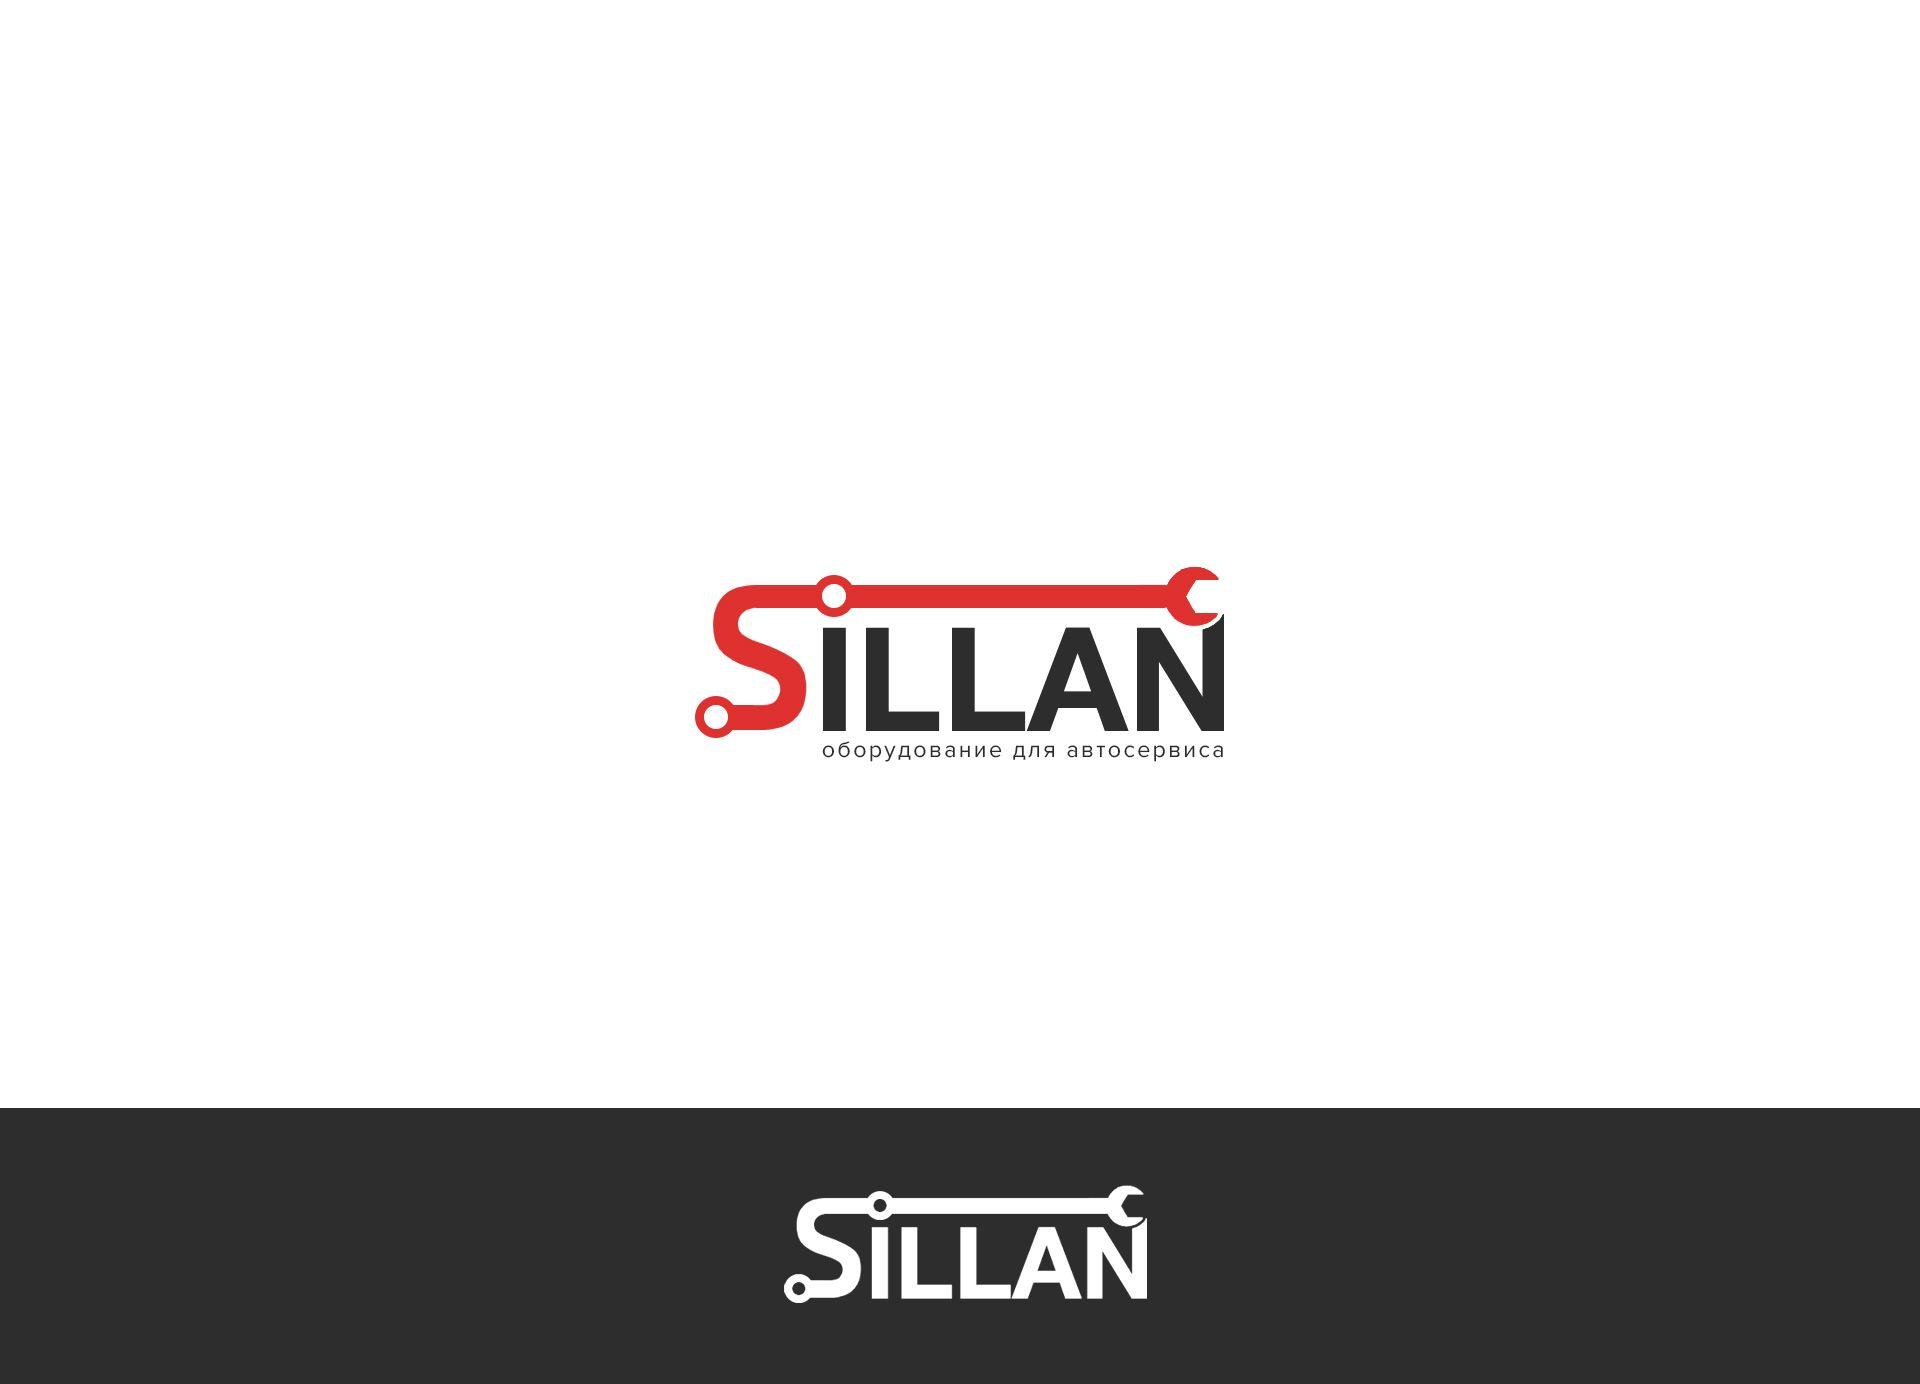 Логотип для Sillan - дизайнер Evgen_SV